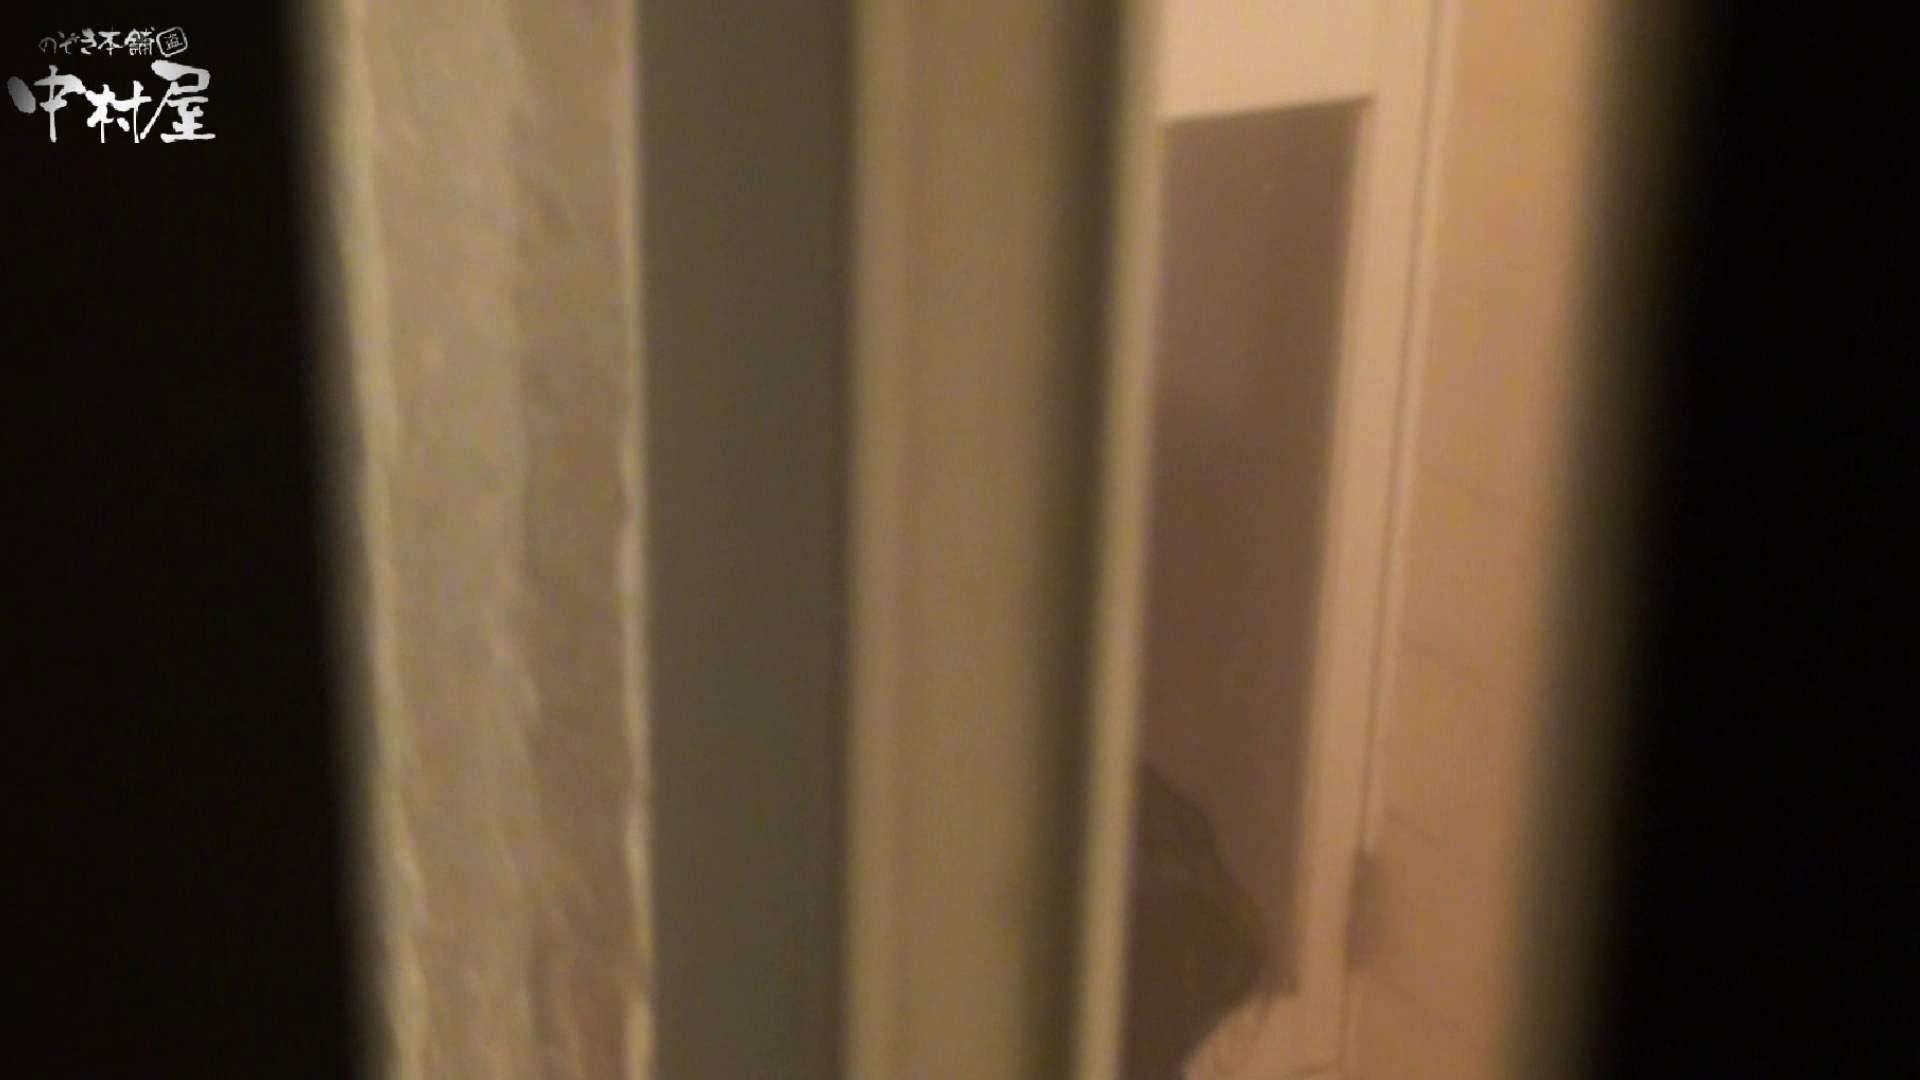 民家風呂専門盗撮師の超危険映像 vol.032 美少女女体 盗撮オメコ無修正動画無料 75連発 35